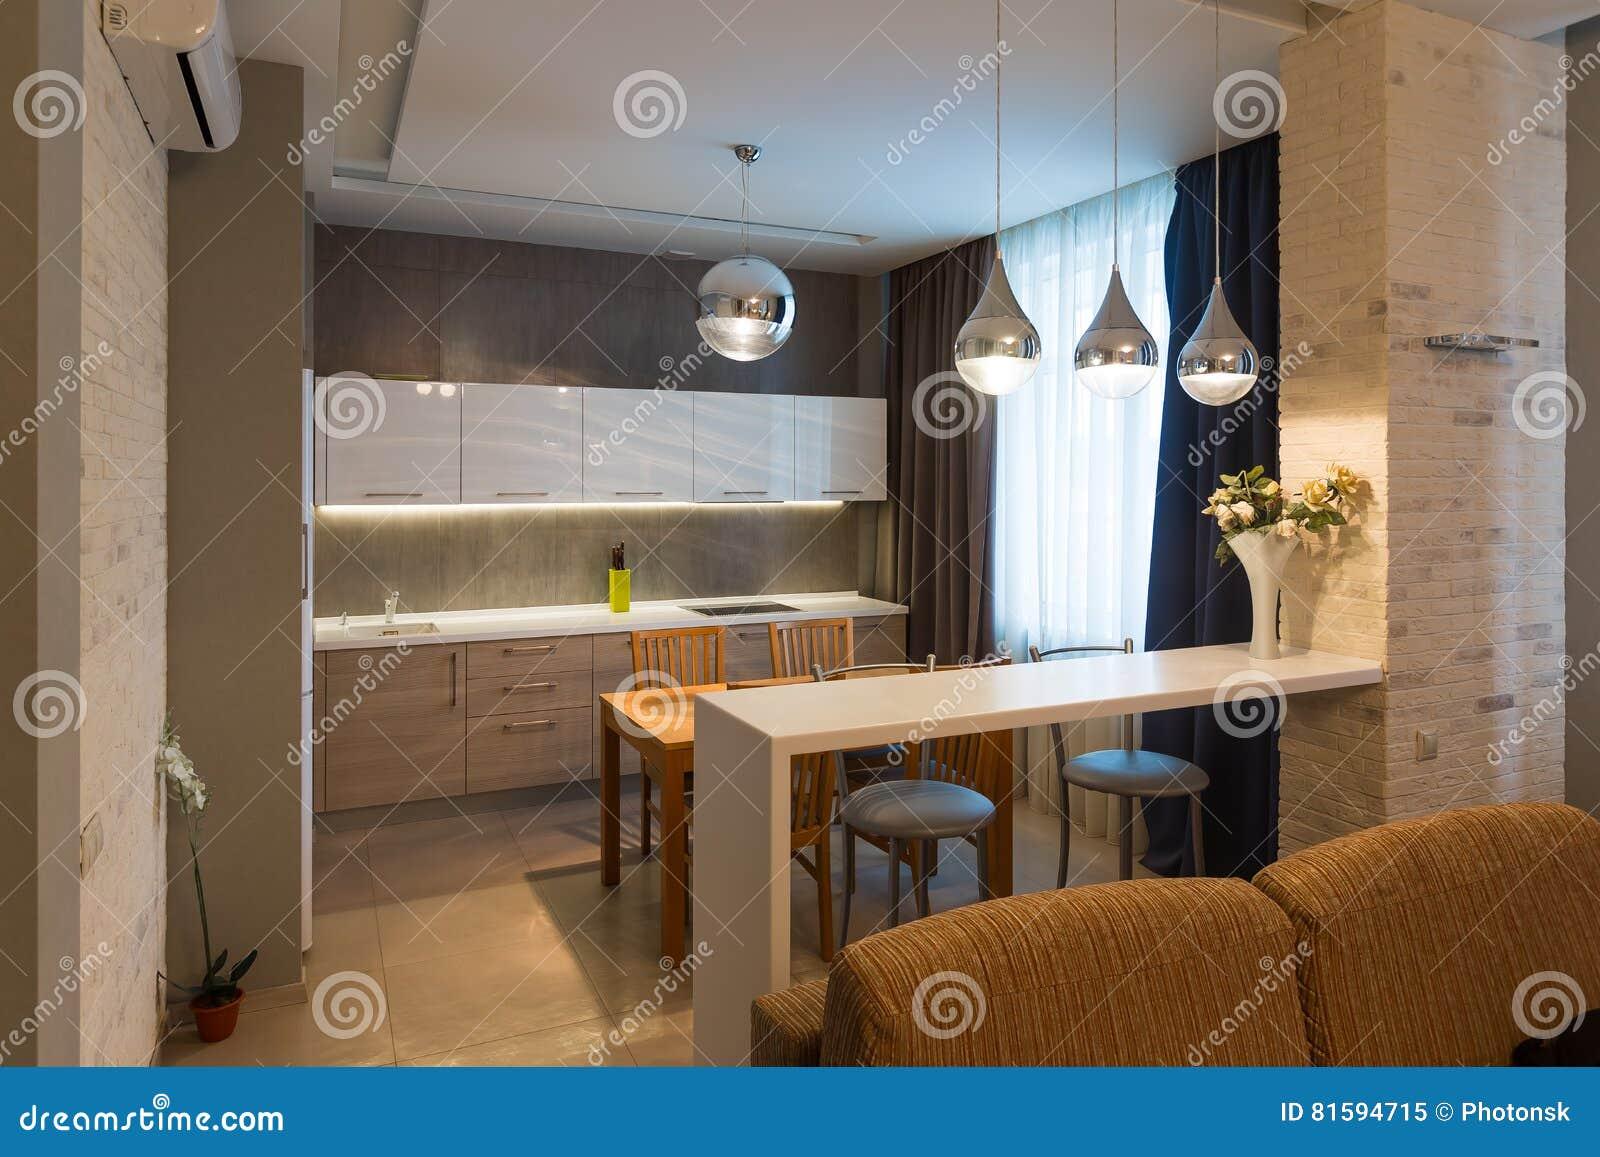 Interni Moderni Case Di Lusso : Interno moderno della cucina nella nuova casa di lusso